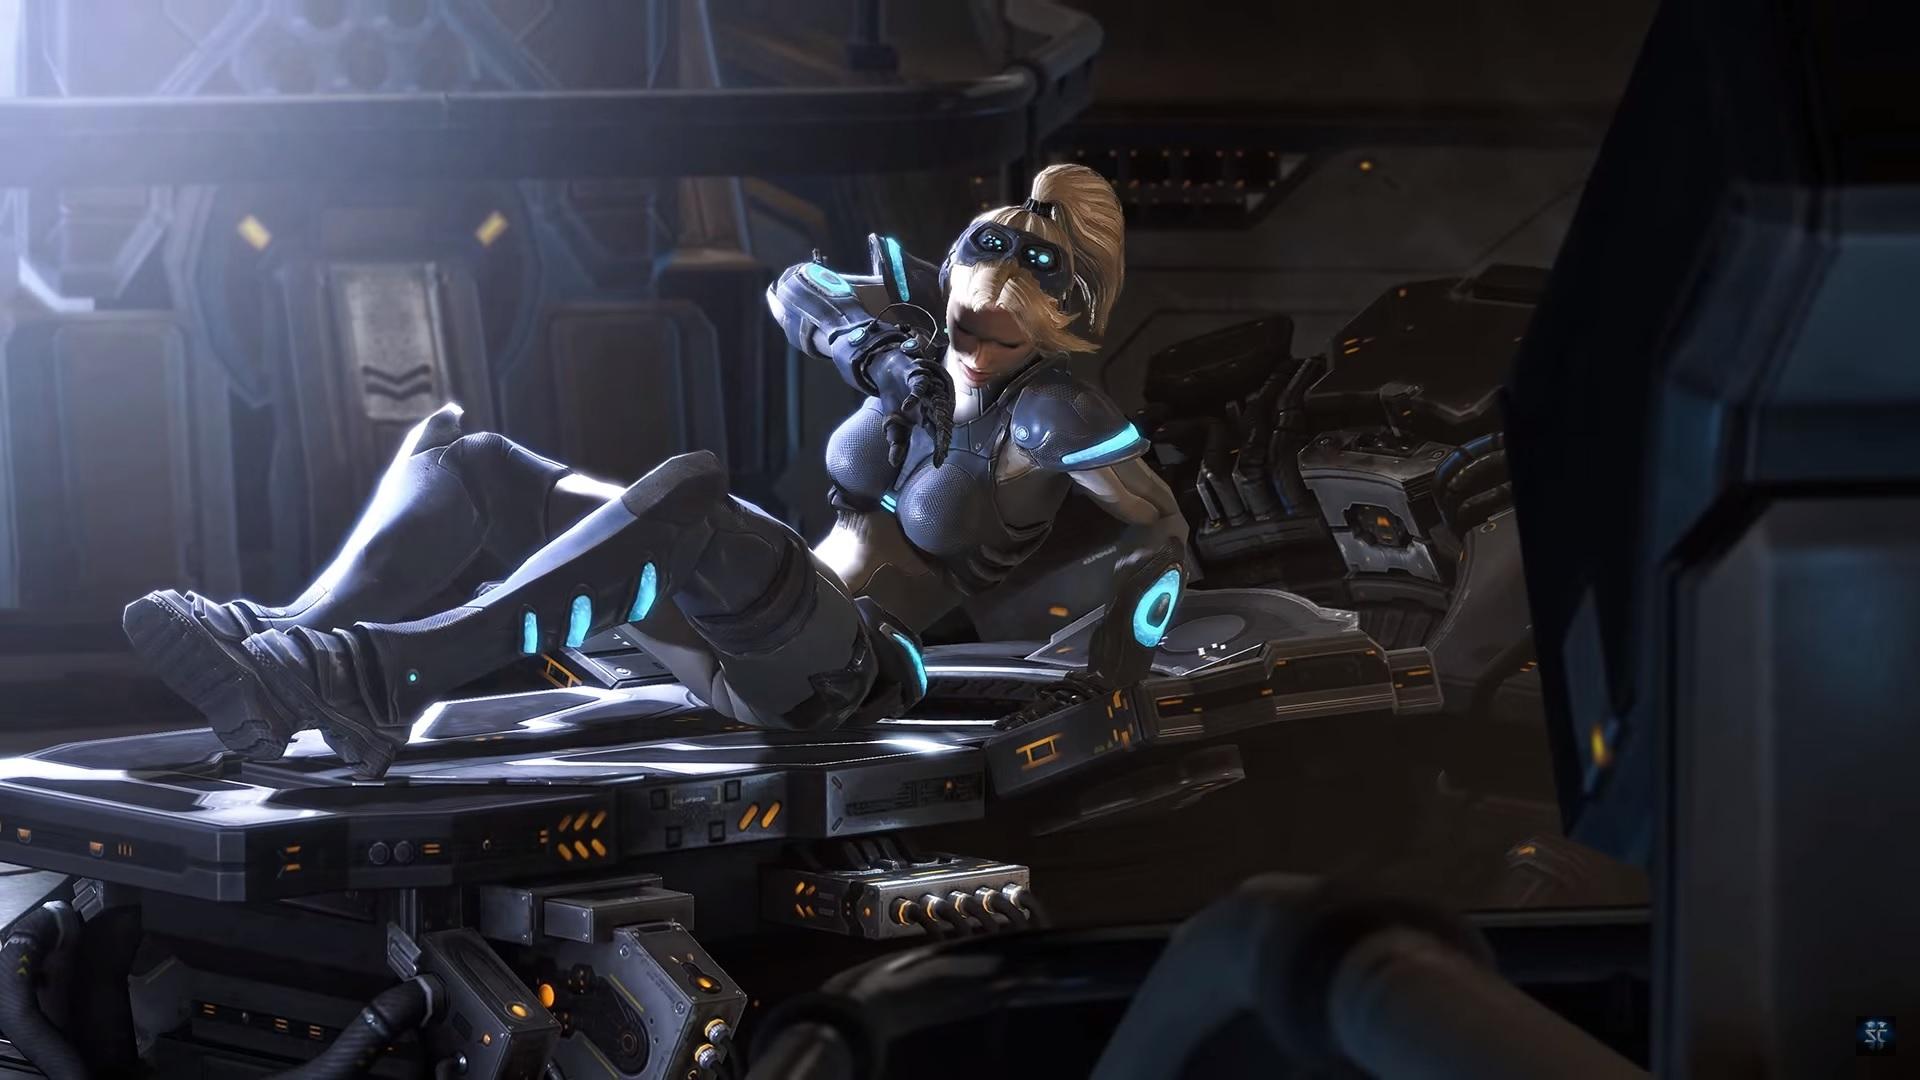 Nova-Operazioni-Segrete-Starcraft-II